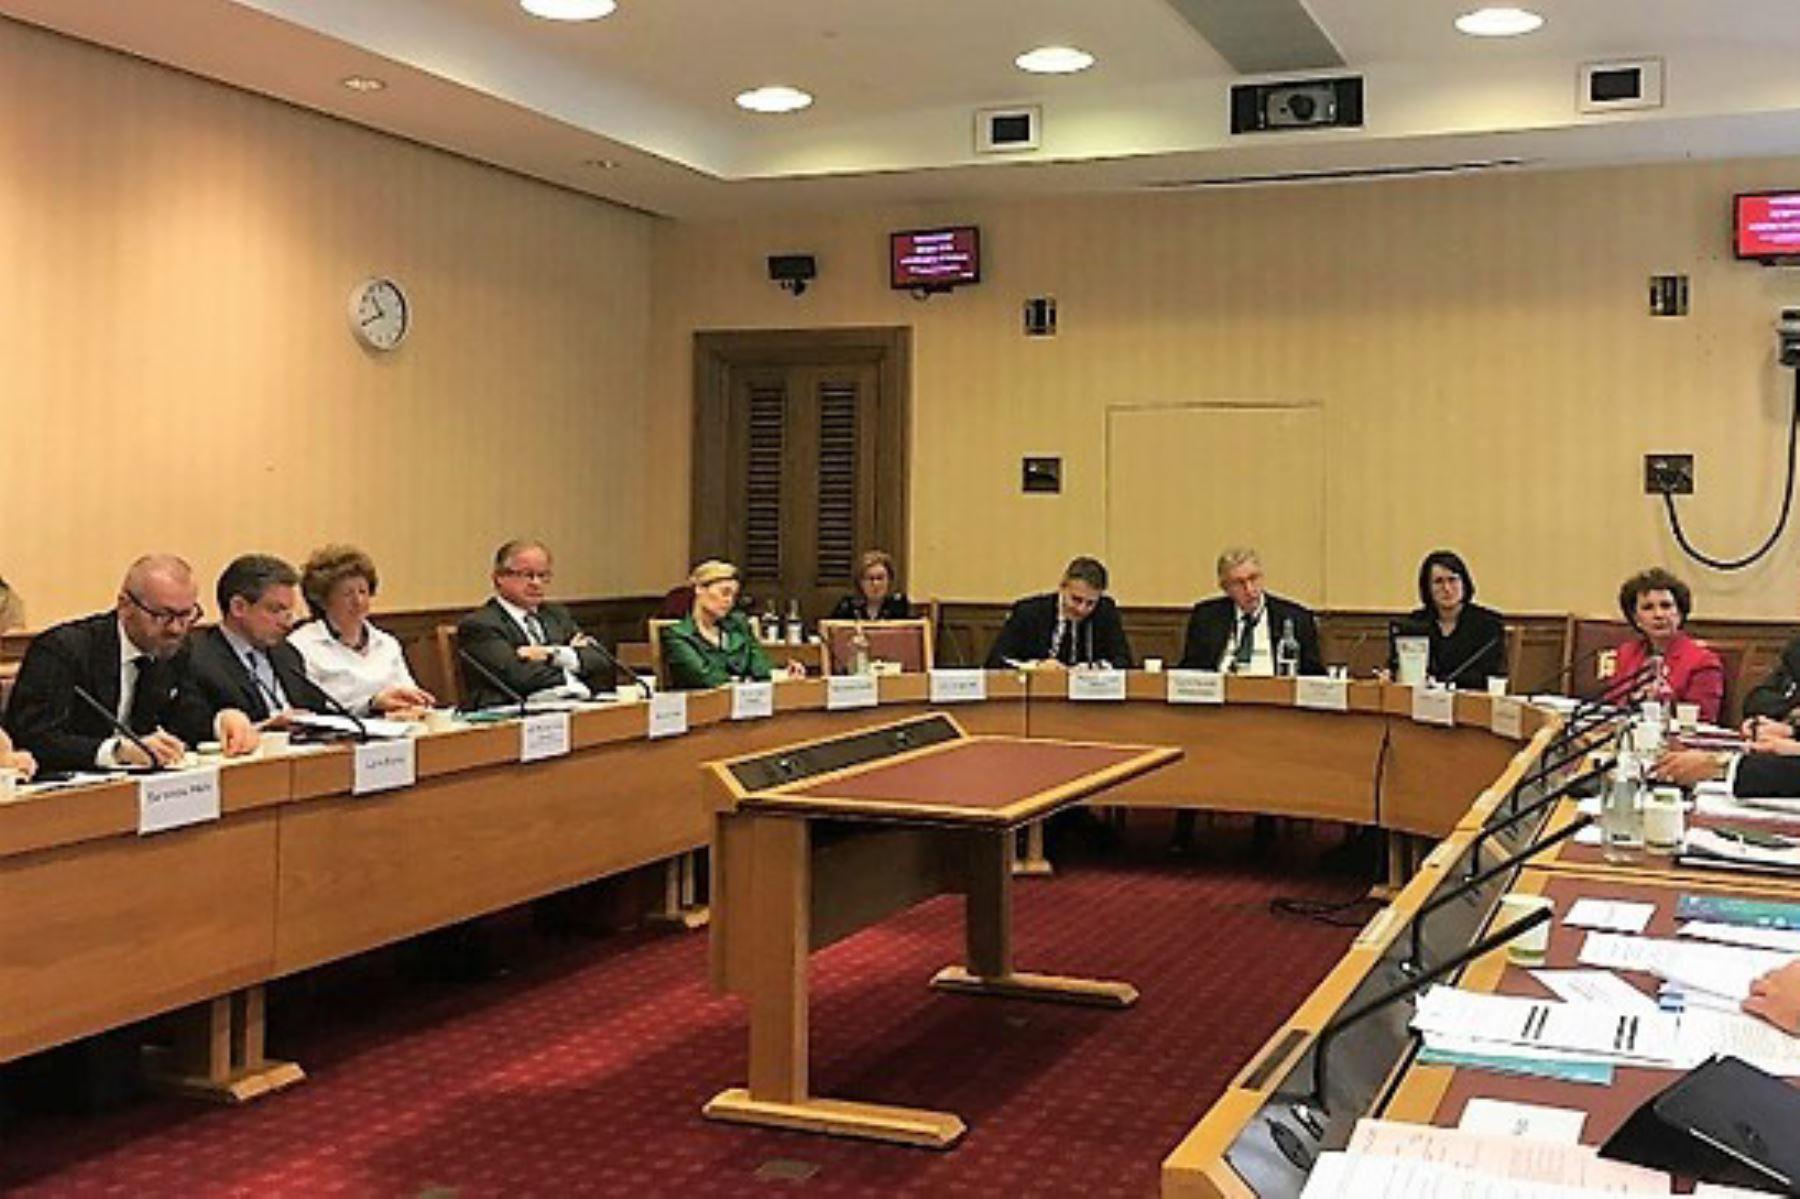 Peruvian Ambassador to U.K. attends roundtable on Pacific Alliance, Embajador peruano en U.K. asiste a mesa redonda sobre la Alianza del Pacífico